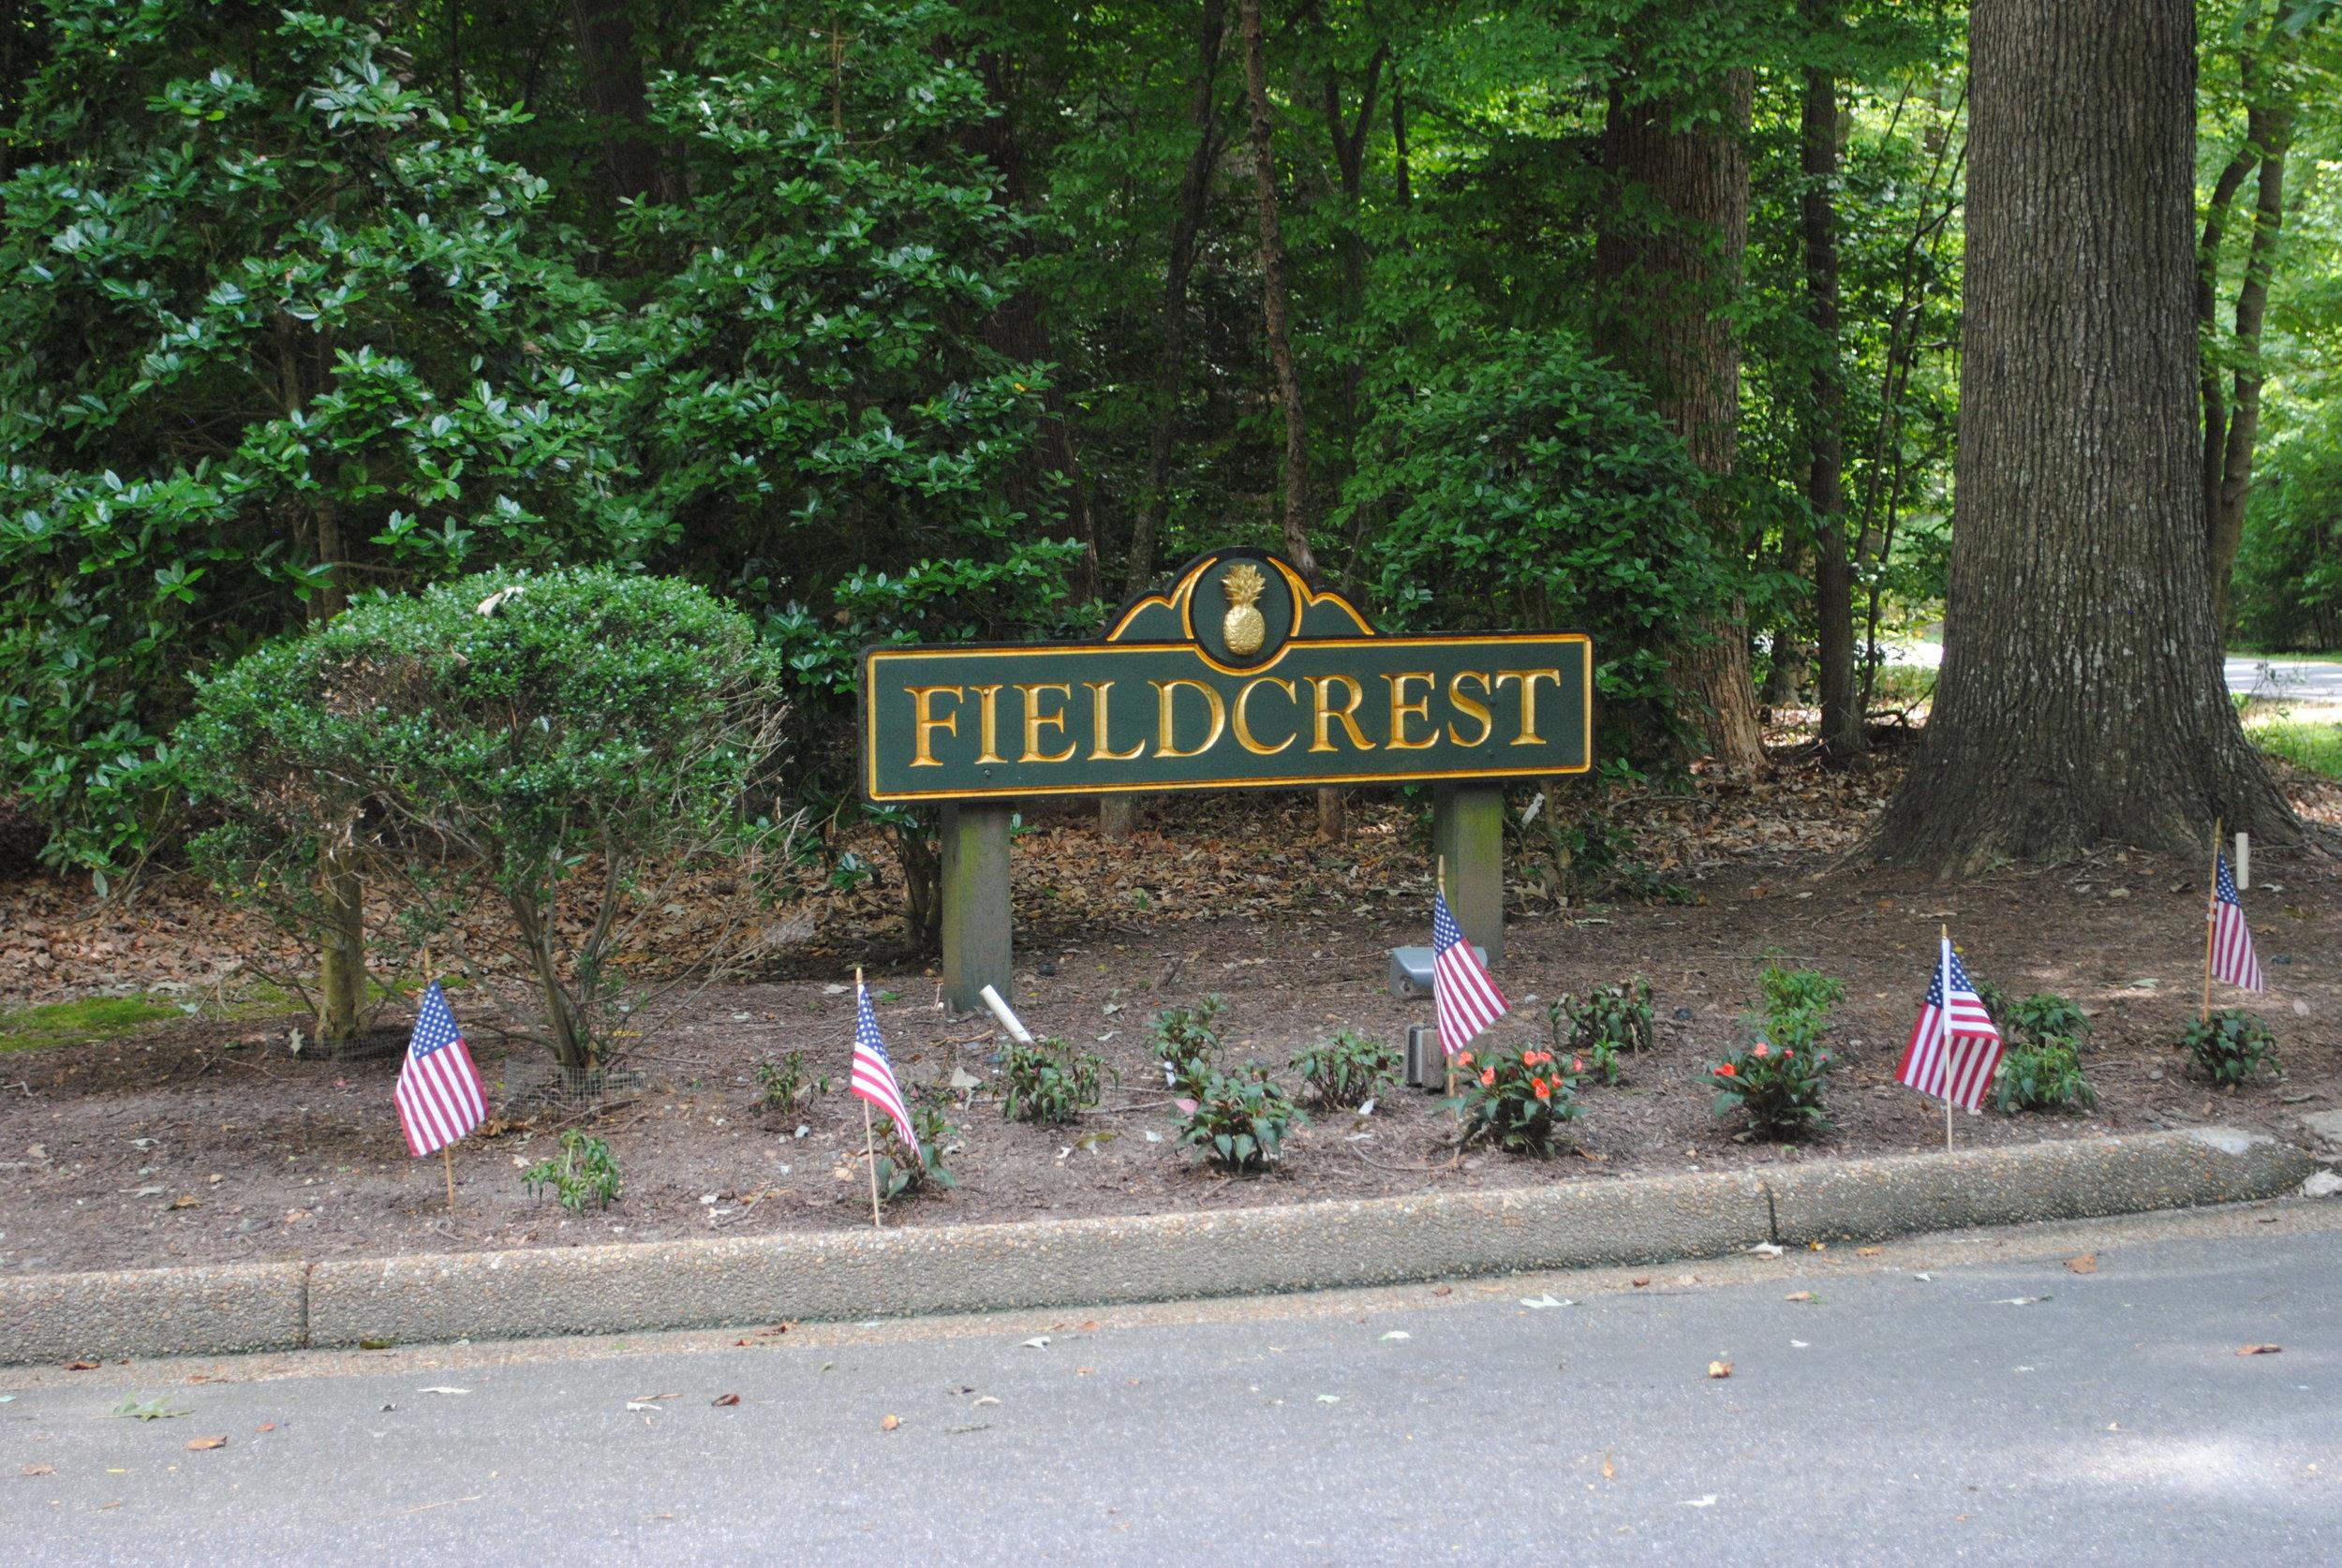 Fieldcrest HOA - Homeowner's Association Website